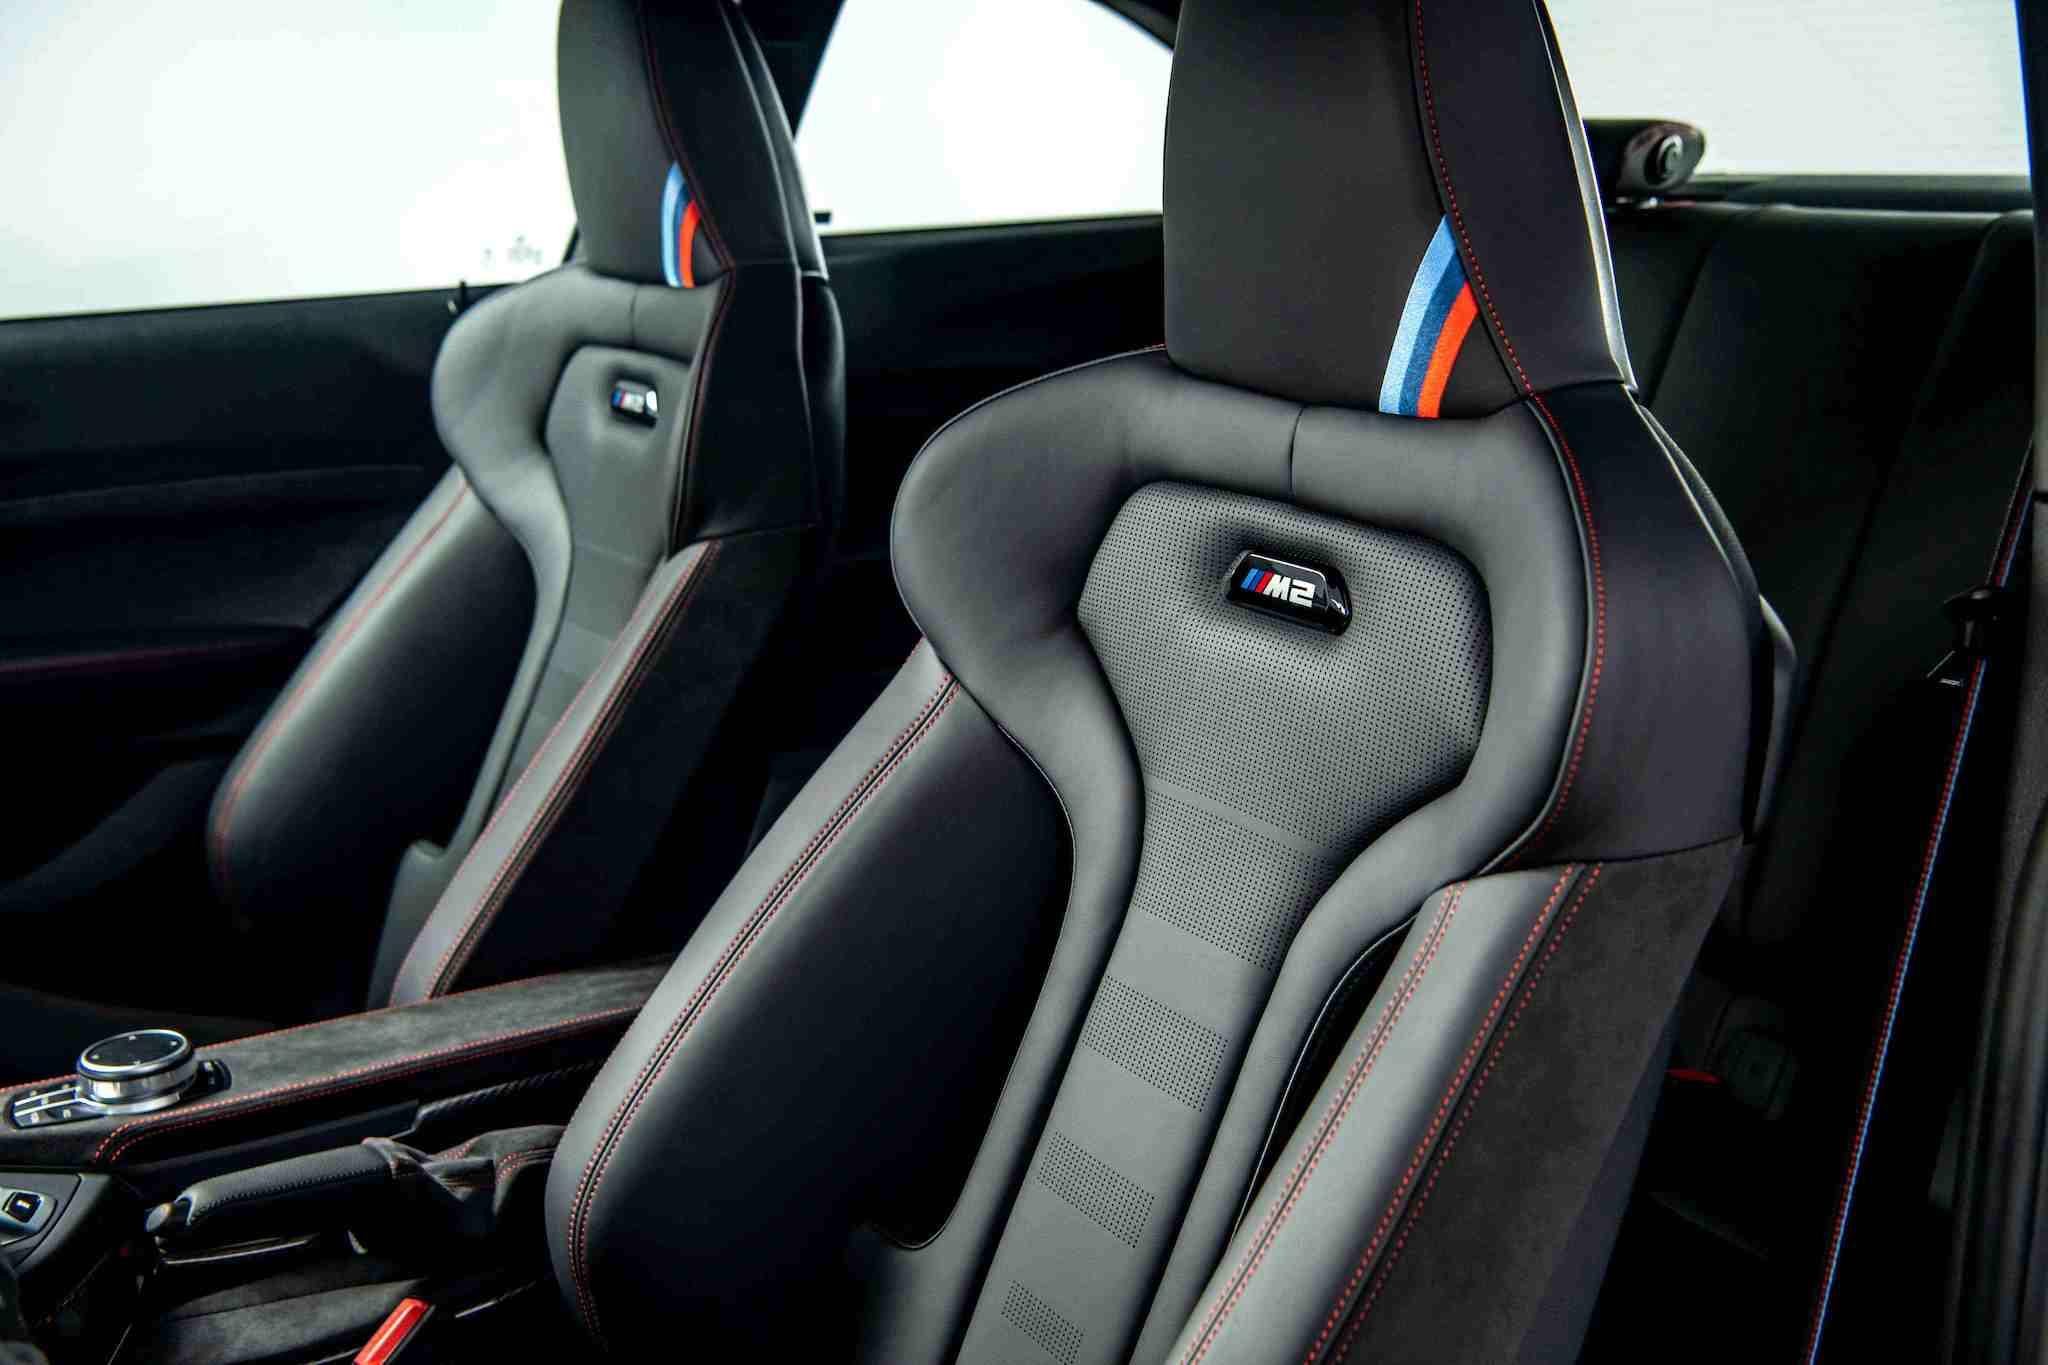 M2 CS 座椅使用與 M4 CS 相同的桶型 M 專屬跑車座椅,結合 Merino 真皮與Alcantara 麂皮雙材質;椅背上發光的 M2 銘牌與頭枕的經典 M 三色繡線裝飾。